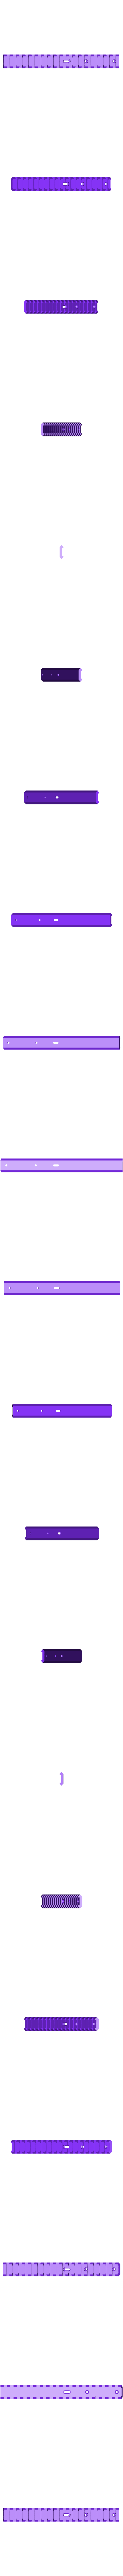 rail.stl Télécharger fichier STL gratuit EPIC 6 stage coilgun • Objet pour impression 3D, Gyro